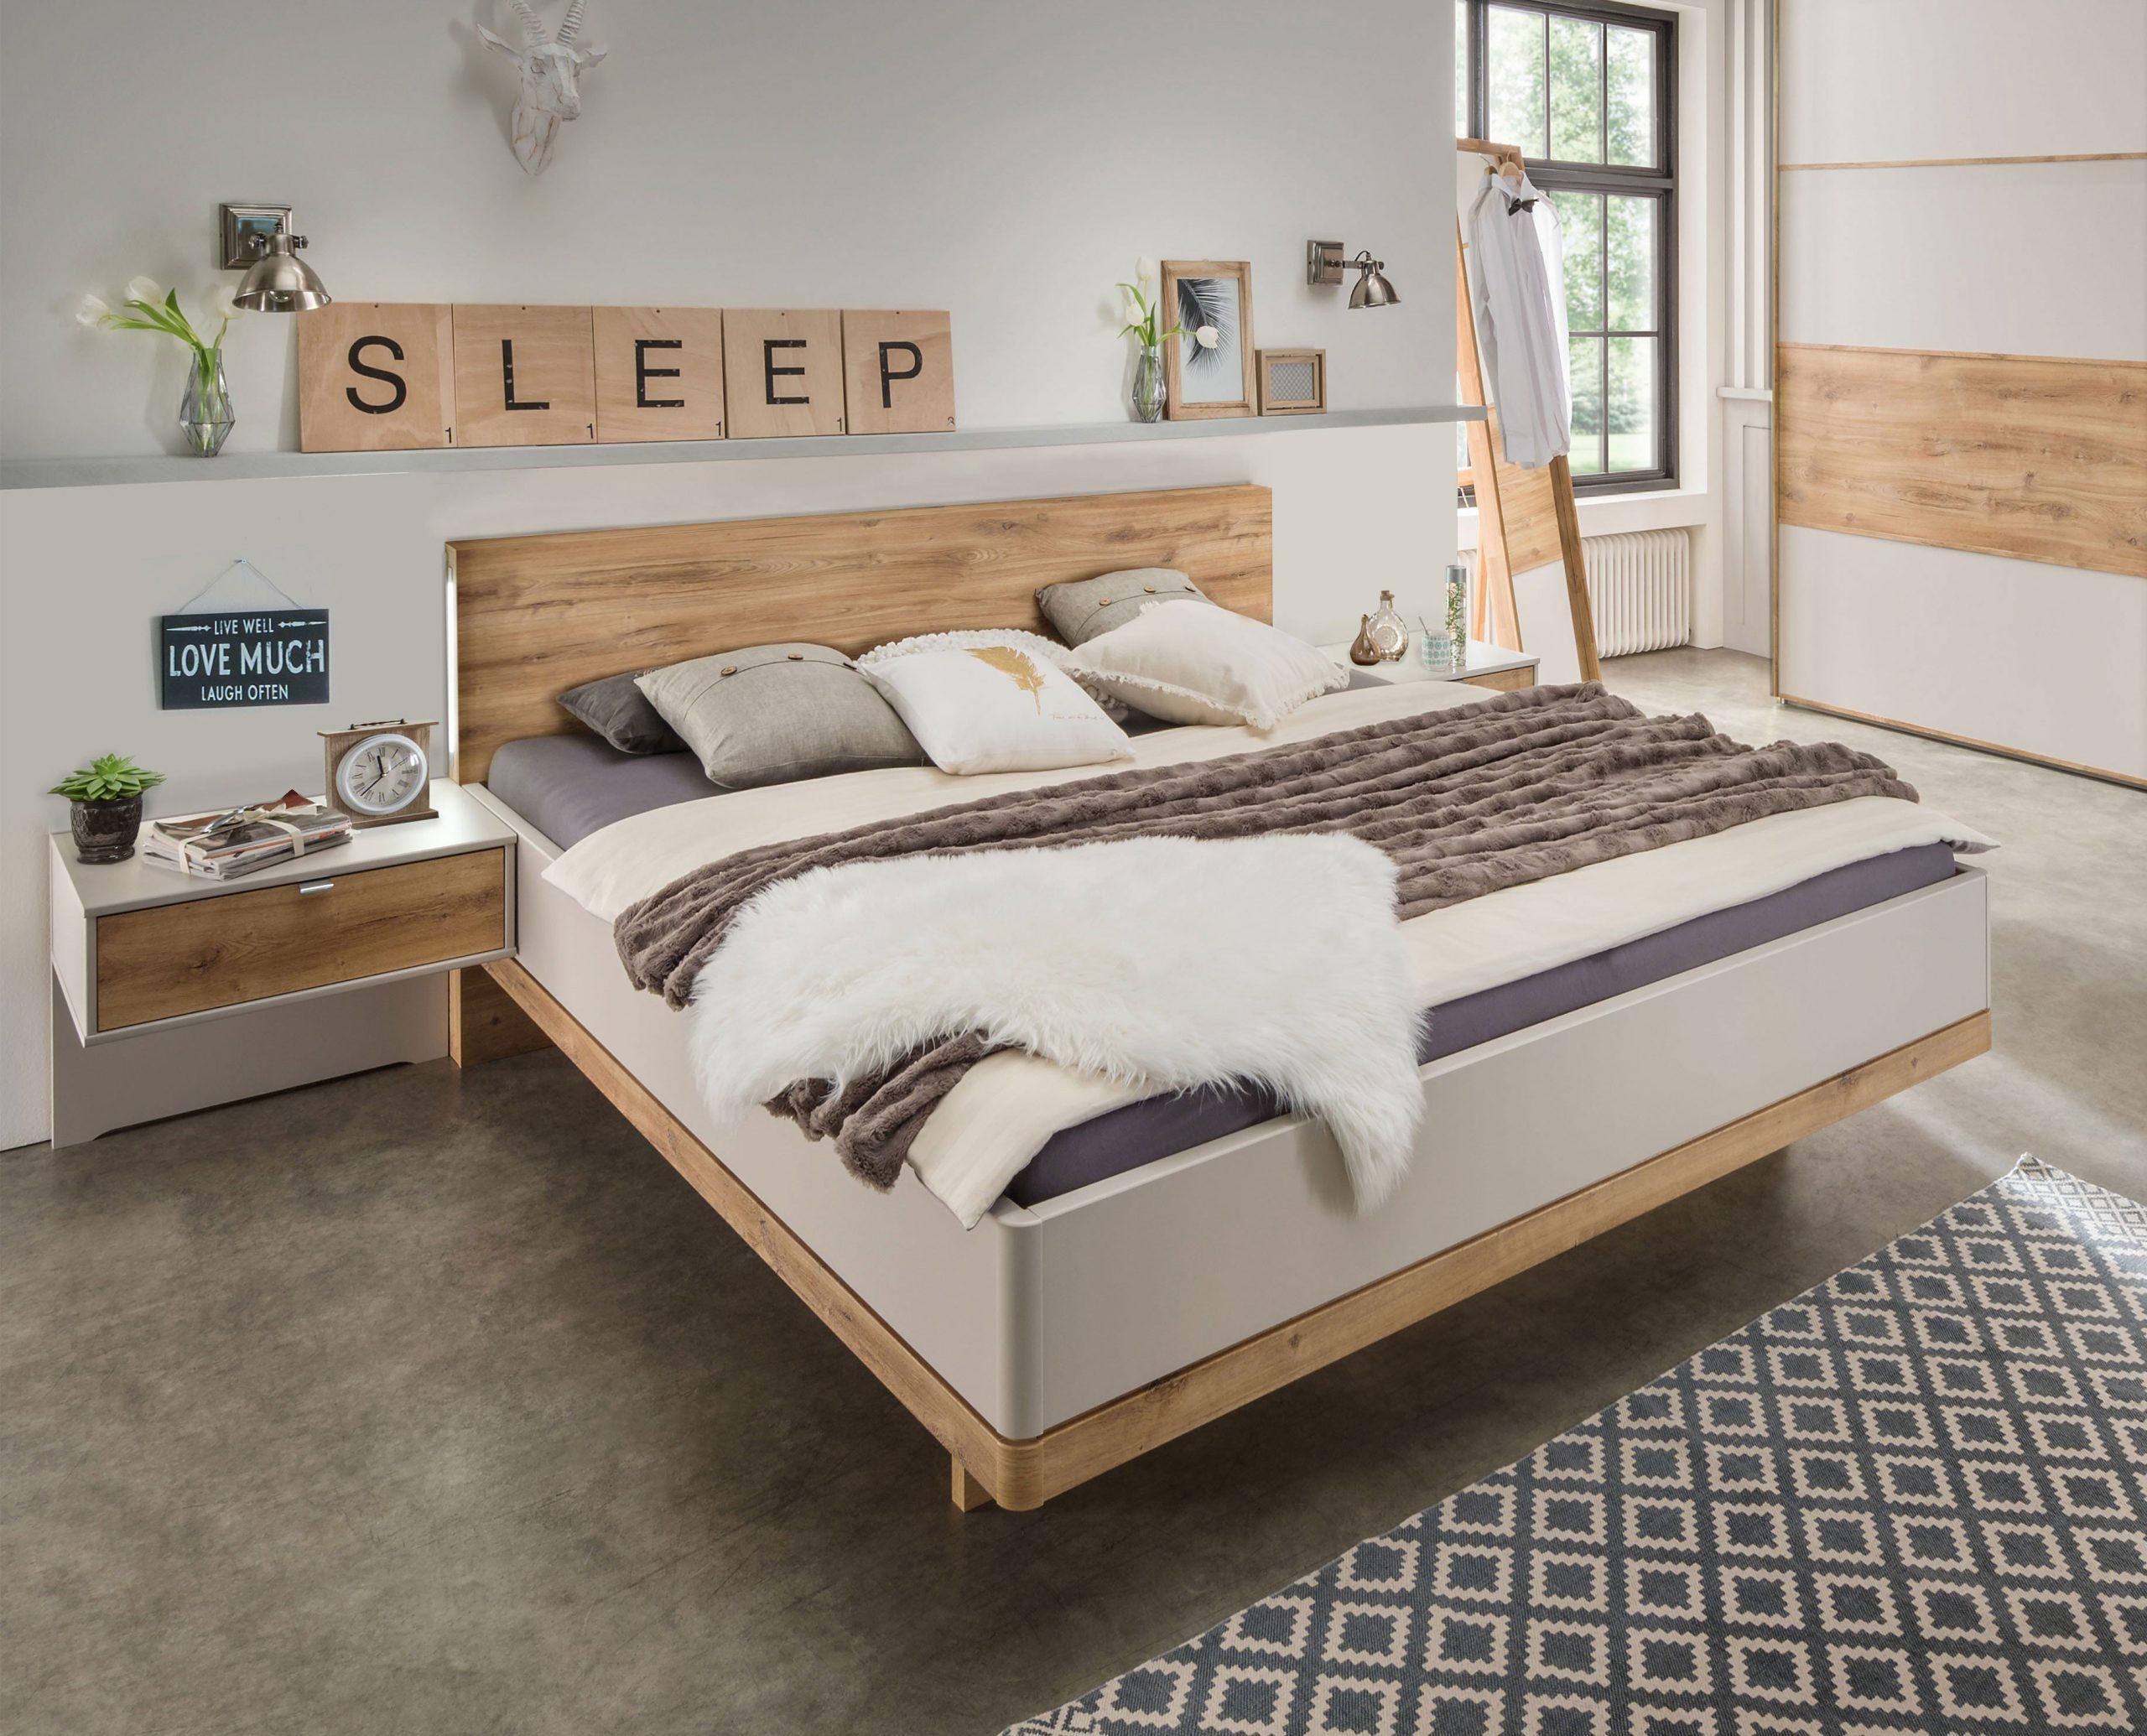 Full Size of Bett 220 X 200 Wiemann Catania Einzelbett 90 Cm Mbel Letz Ihr Online Shop Hülsta Betten überlänge Schlafsofa Liegefläche 160x200 140x200 Poco Weiße Bett Bett 220 X 200